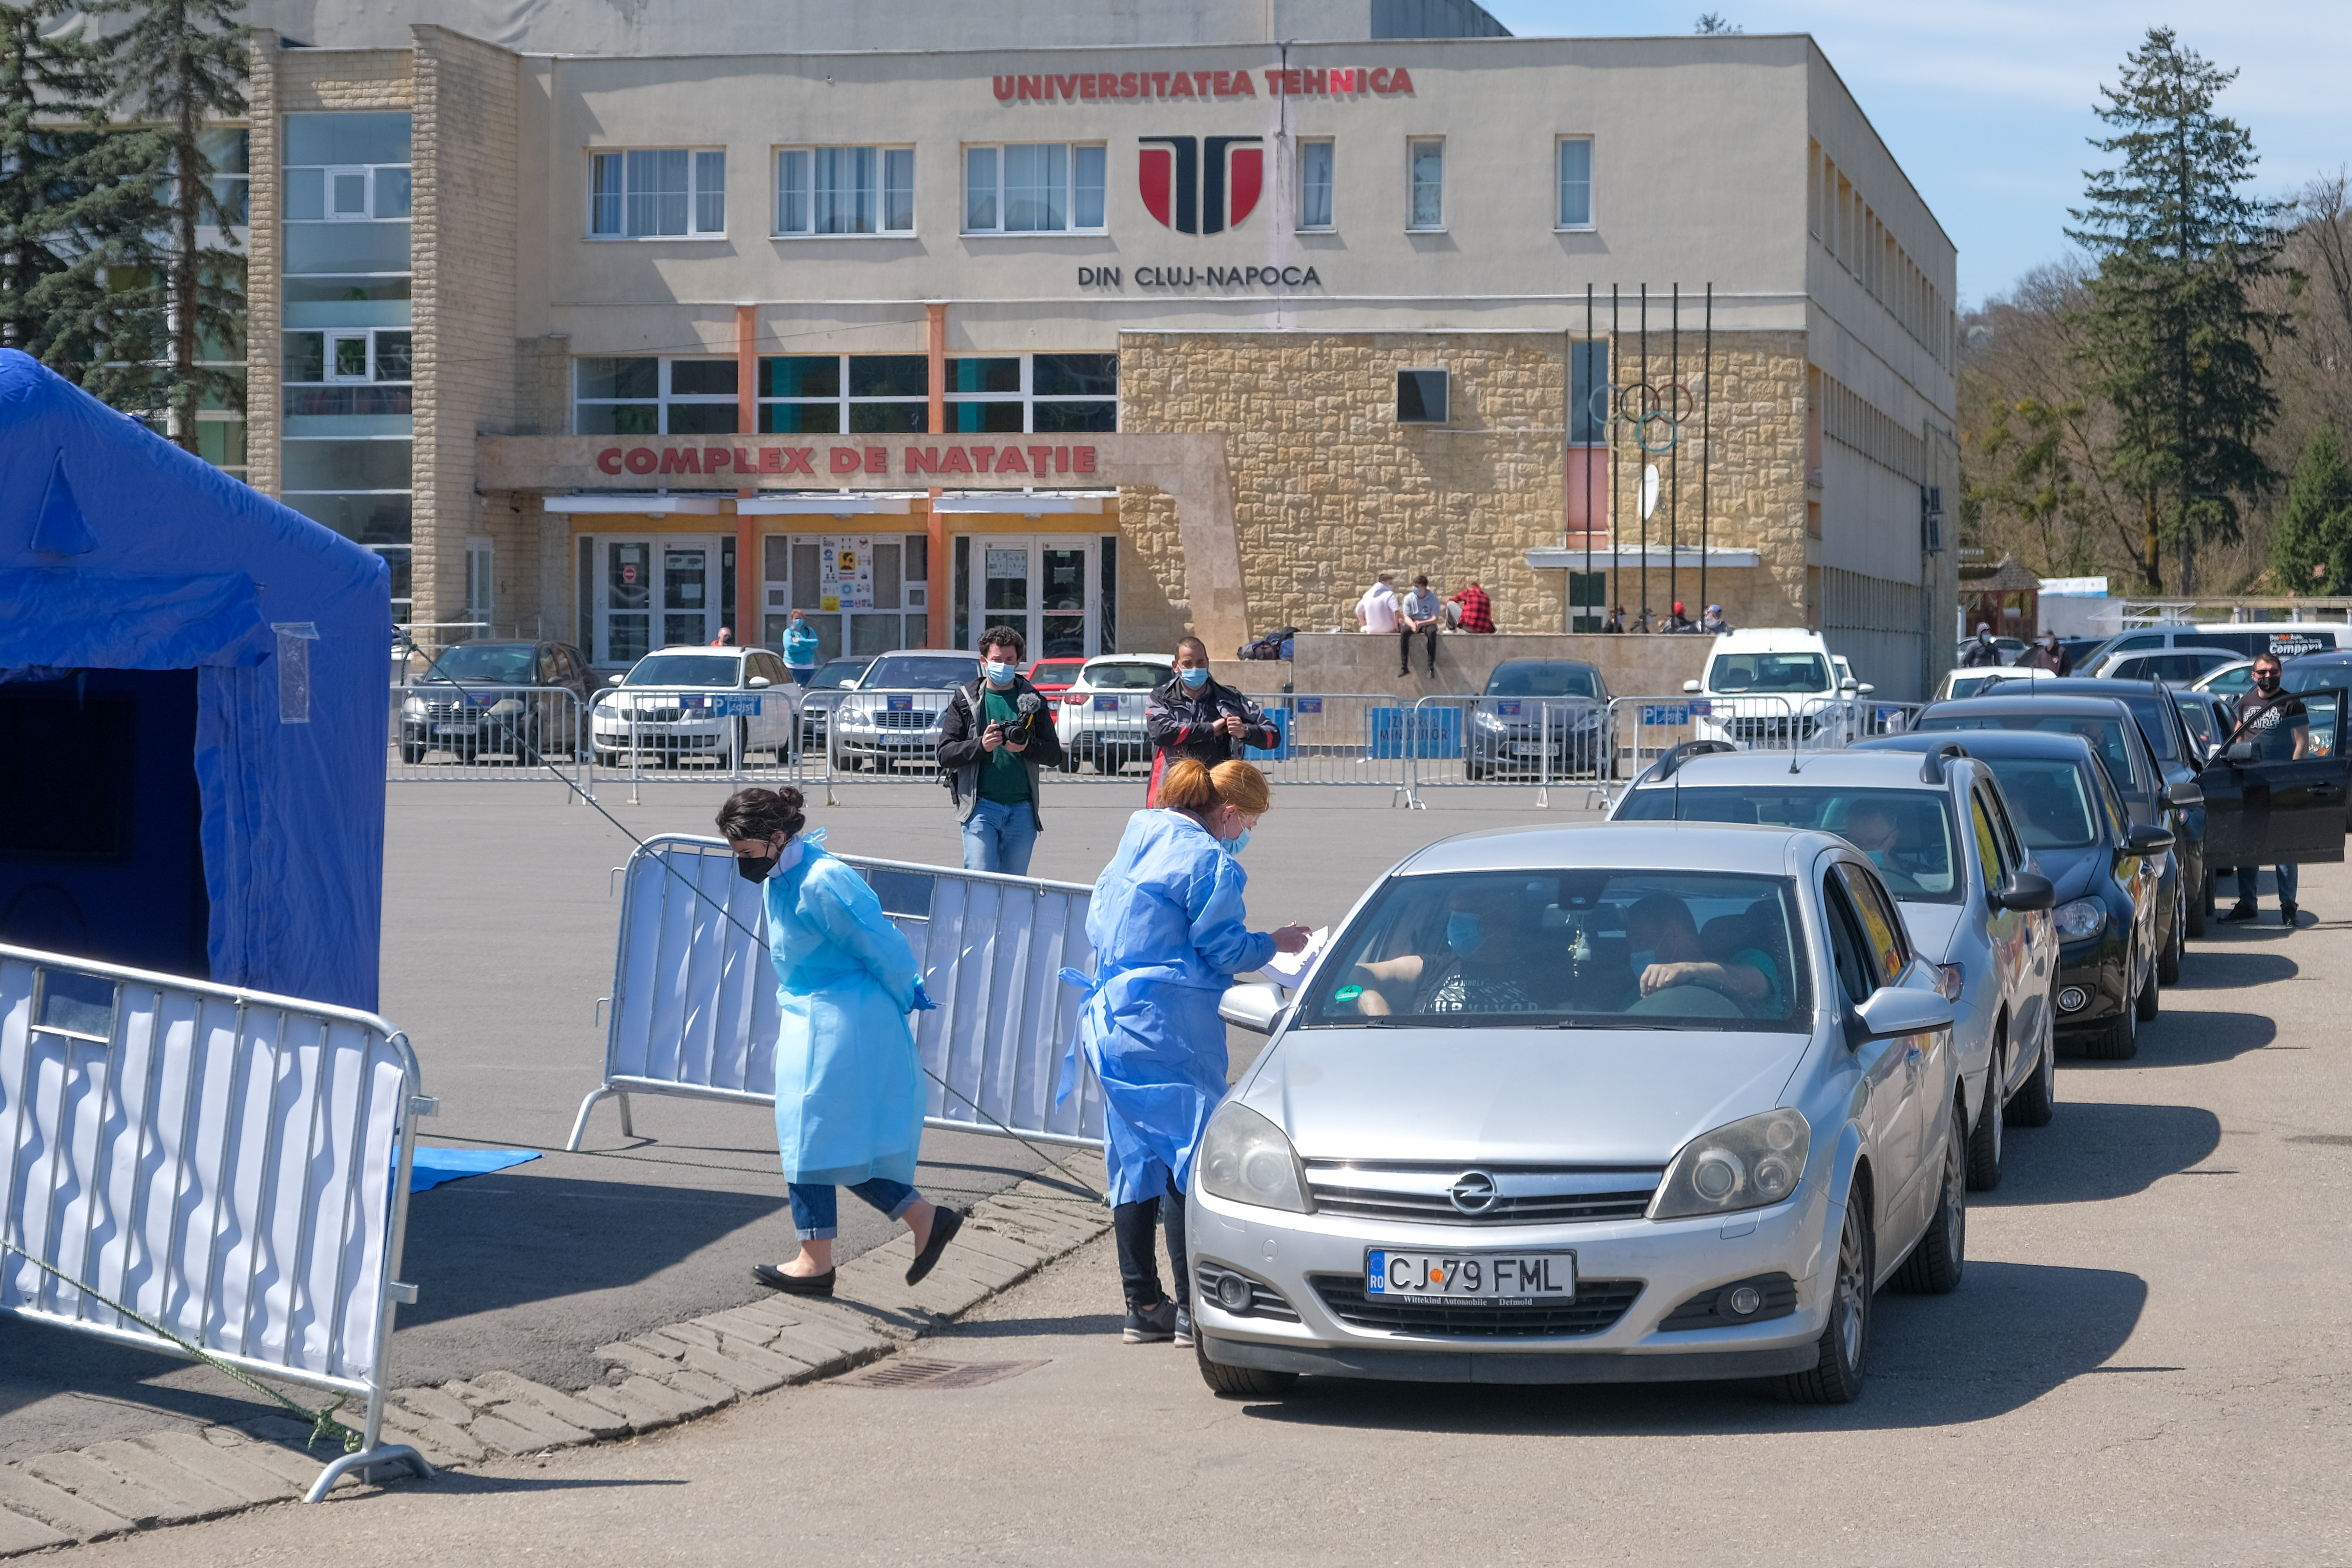 Rata de infectare este în creştere la Cluj-Napoca. Incidenţa se apropie de 6 la mie